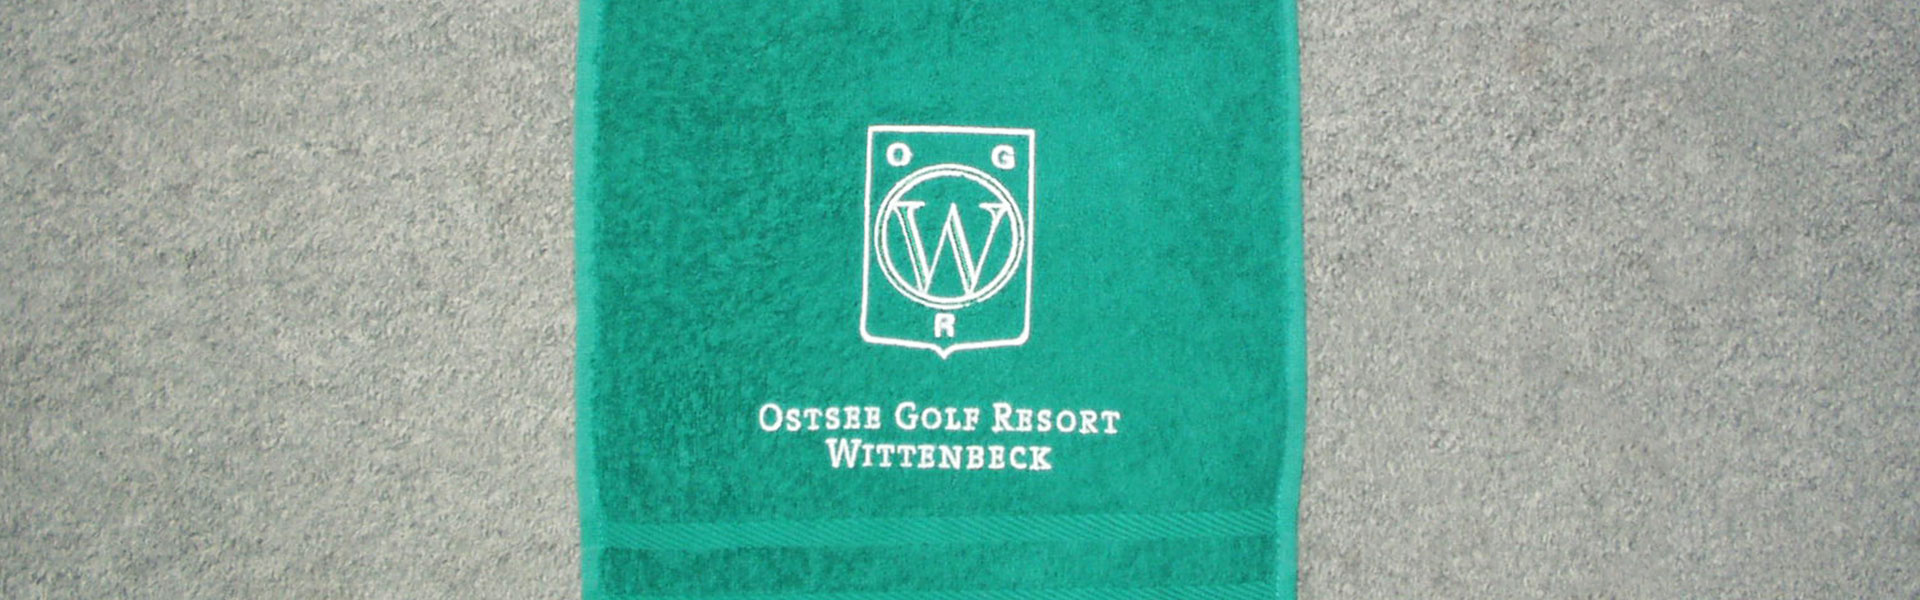 Golfhandtücher Topline GmbH Dittenheim